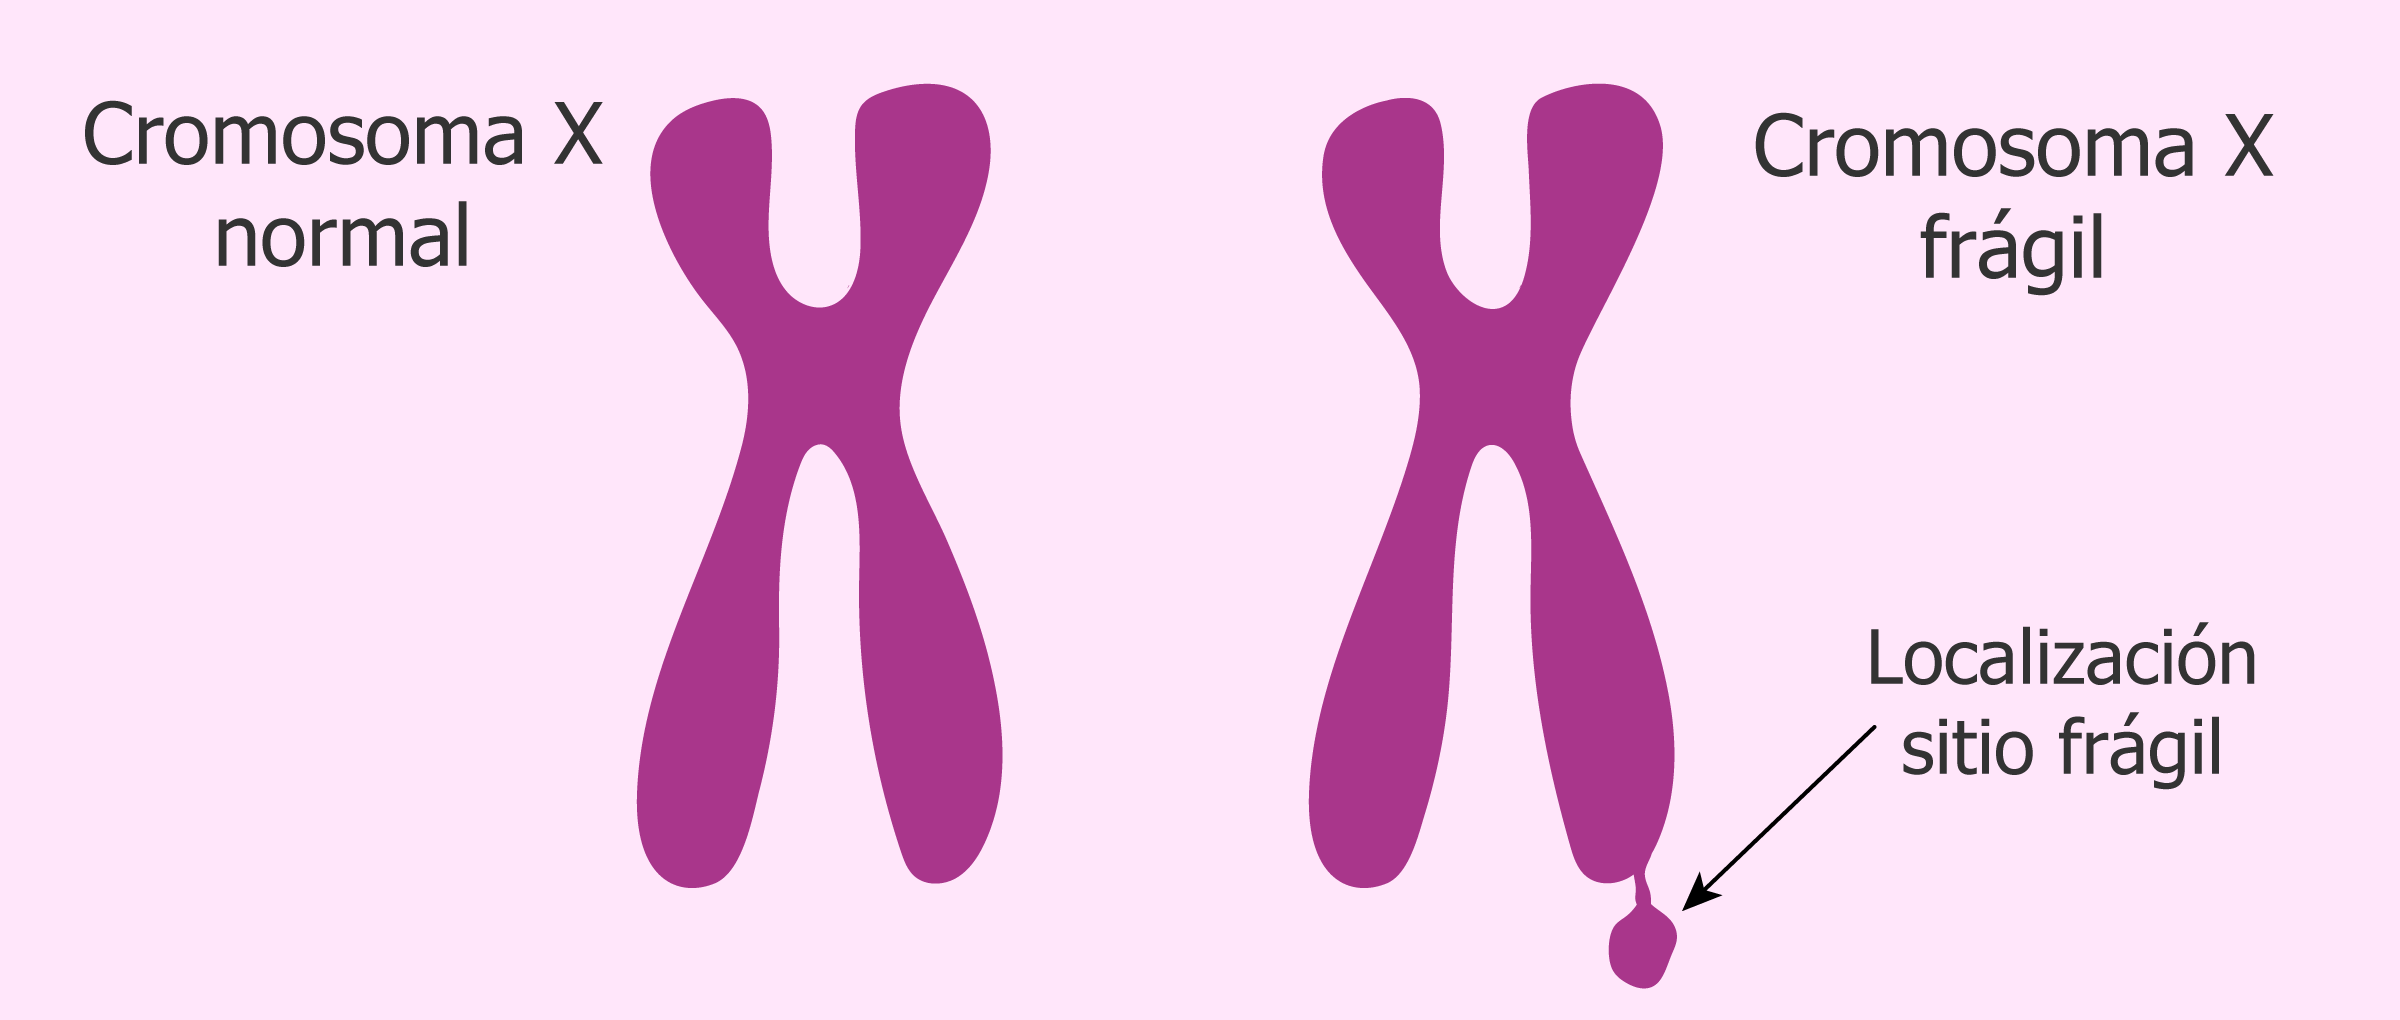 Sitio frágil causado por la mutación en FMR-1